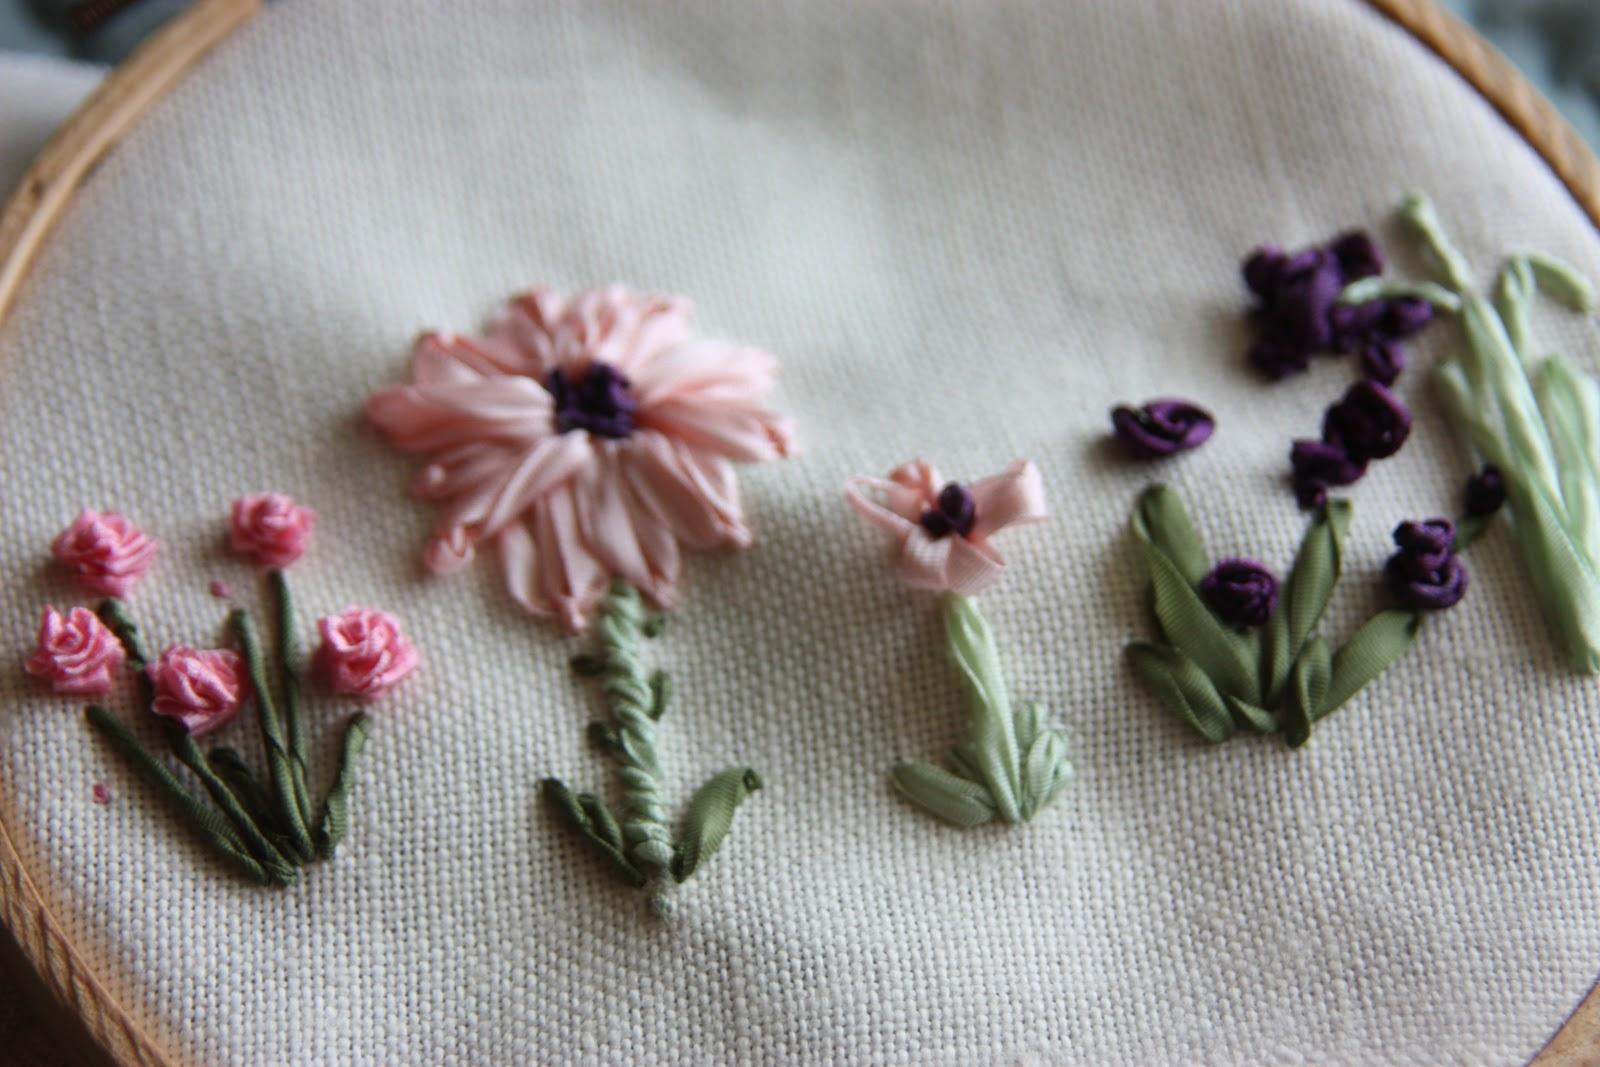 Honey lamb and i ribbon embroidery